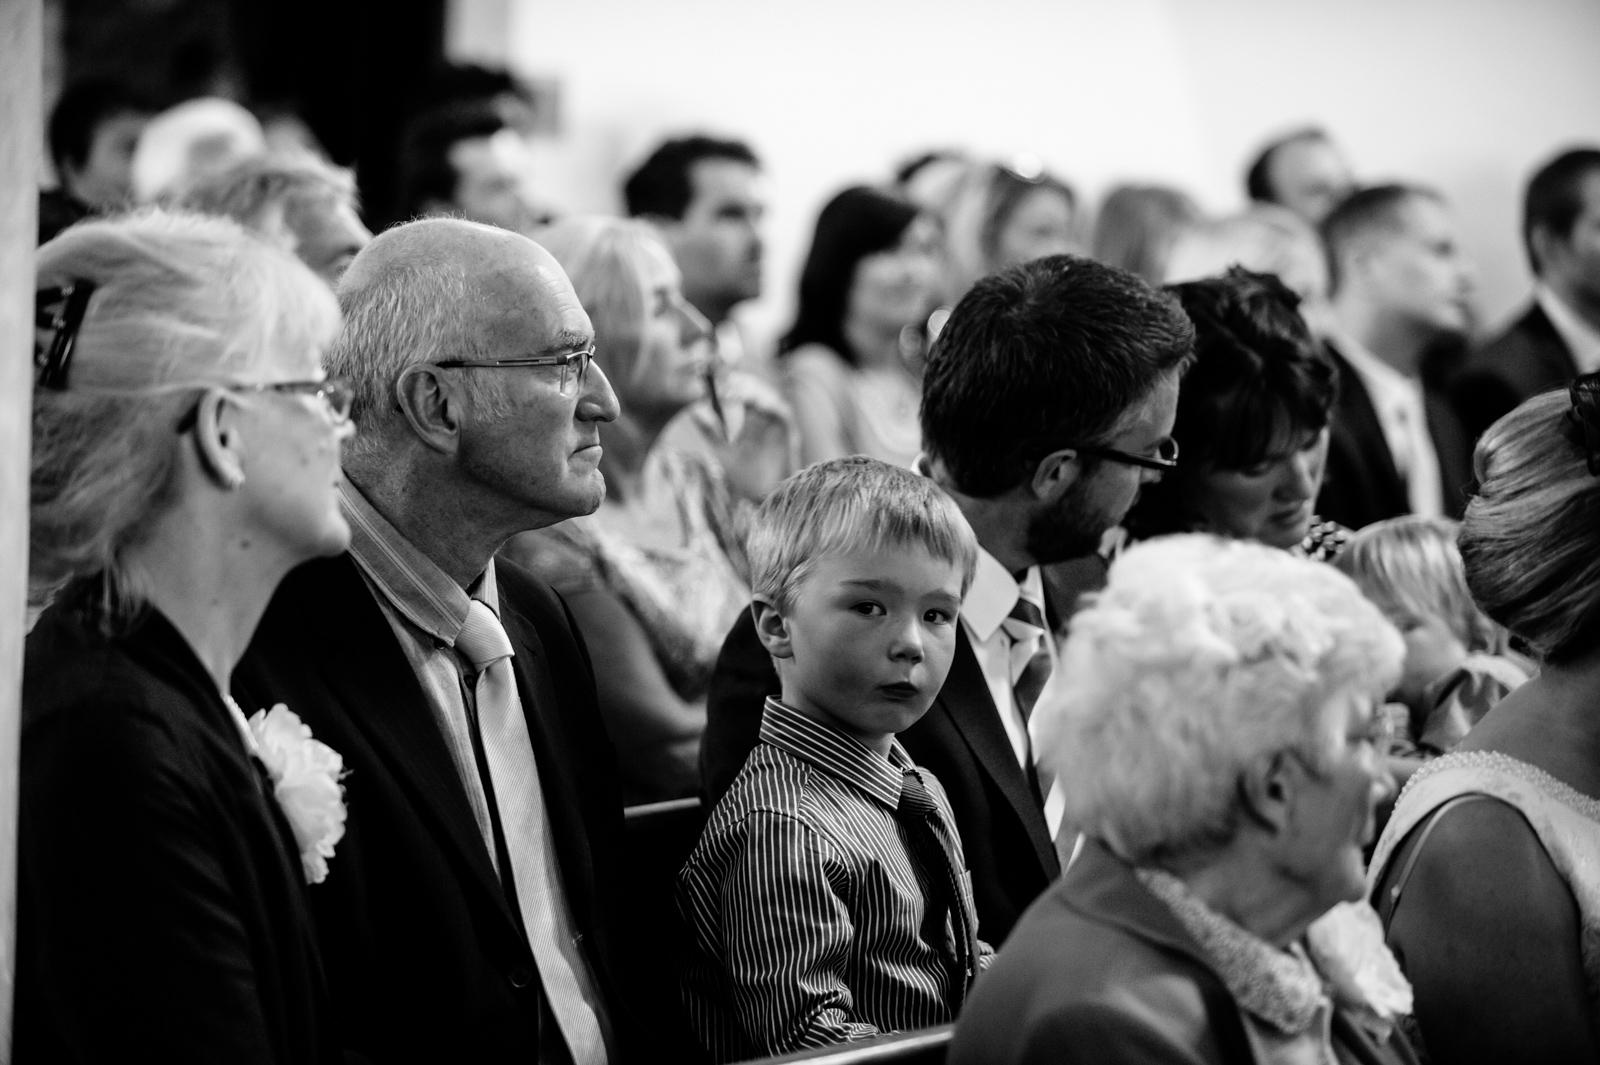 mylor-church-wedding-37.jpg